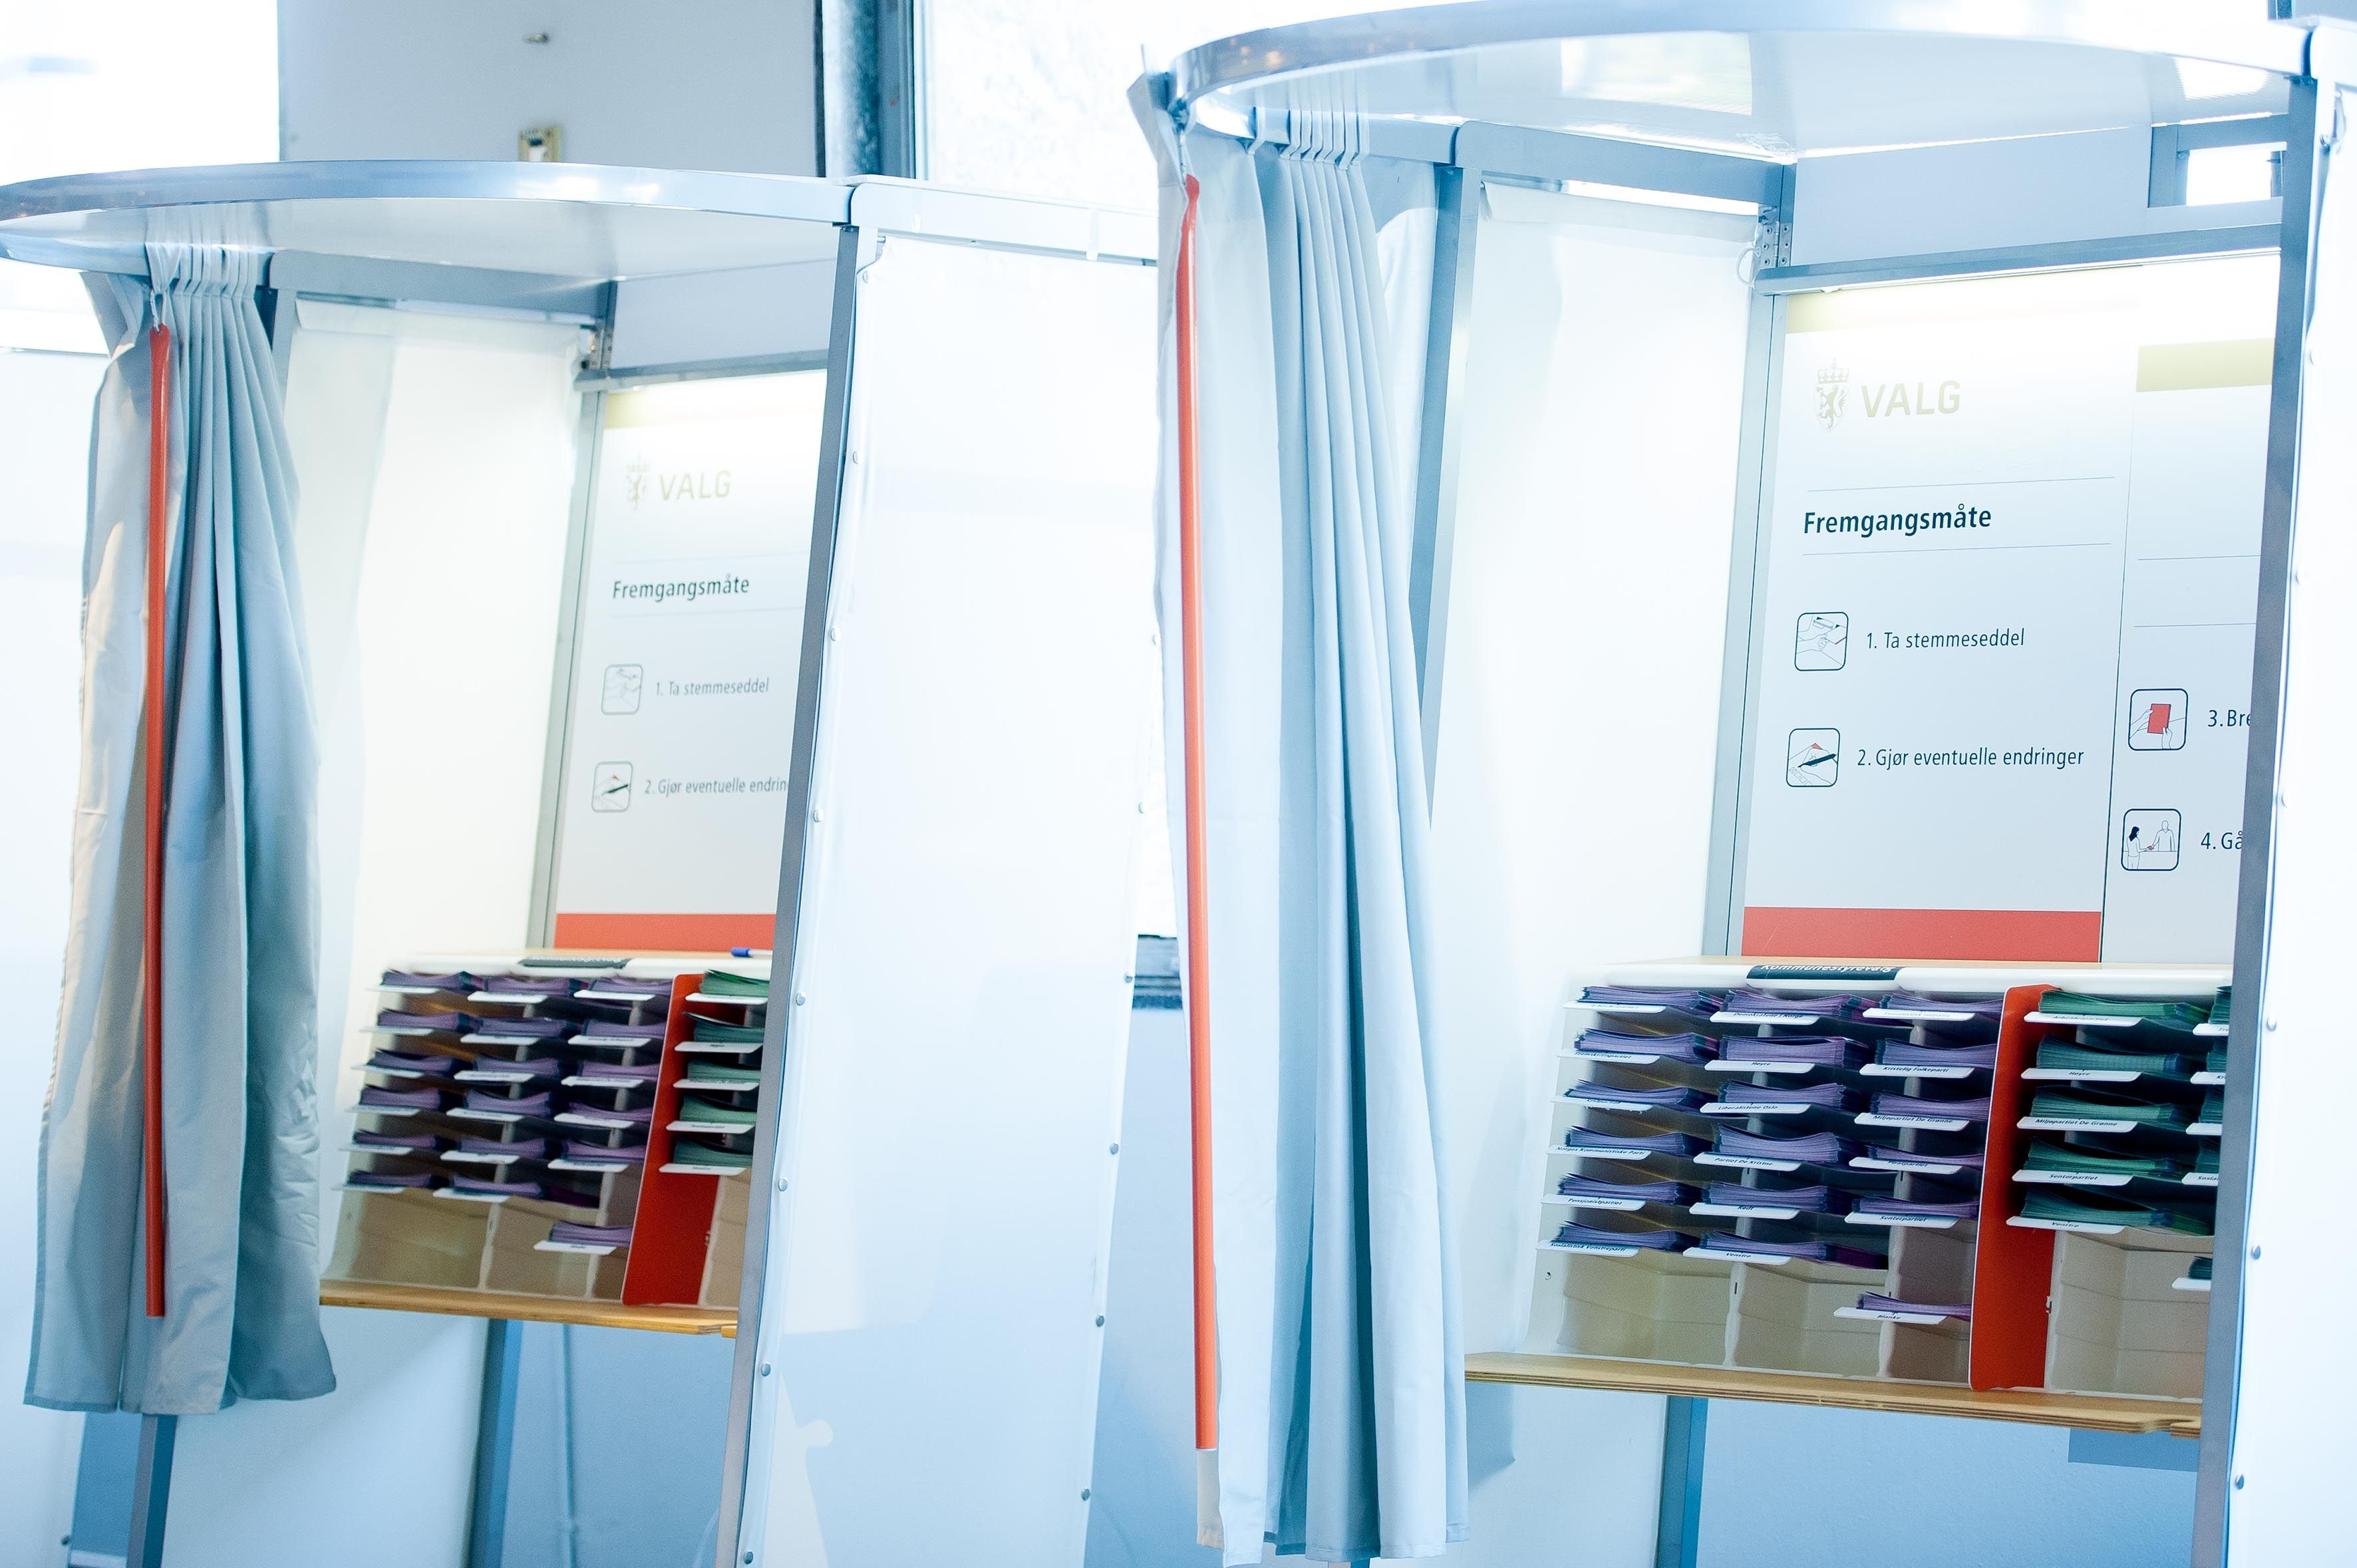 To valgbåser med partilister (Foto: Oslo kommune/Sturlason)